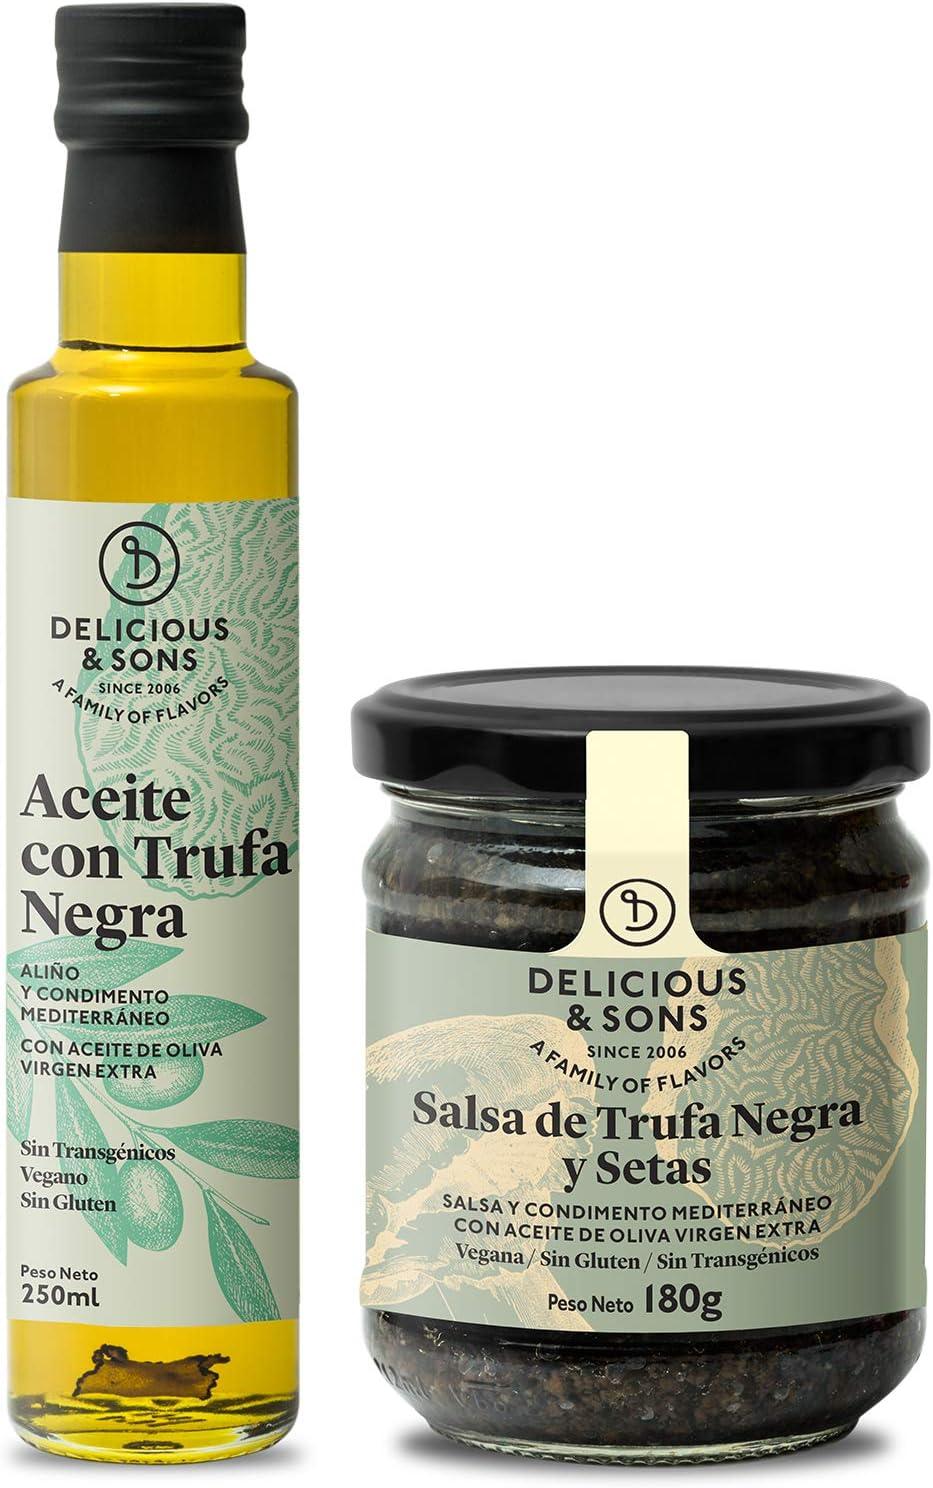 Delicious & Sons Pack Salsa de Trufa Negra y Setas y Aceite con Trufa Negra